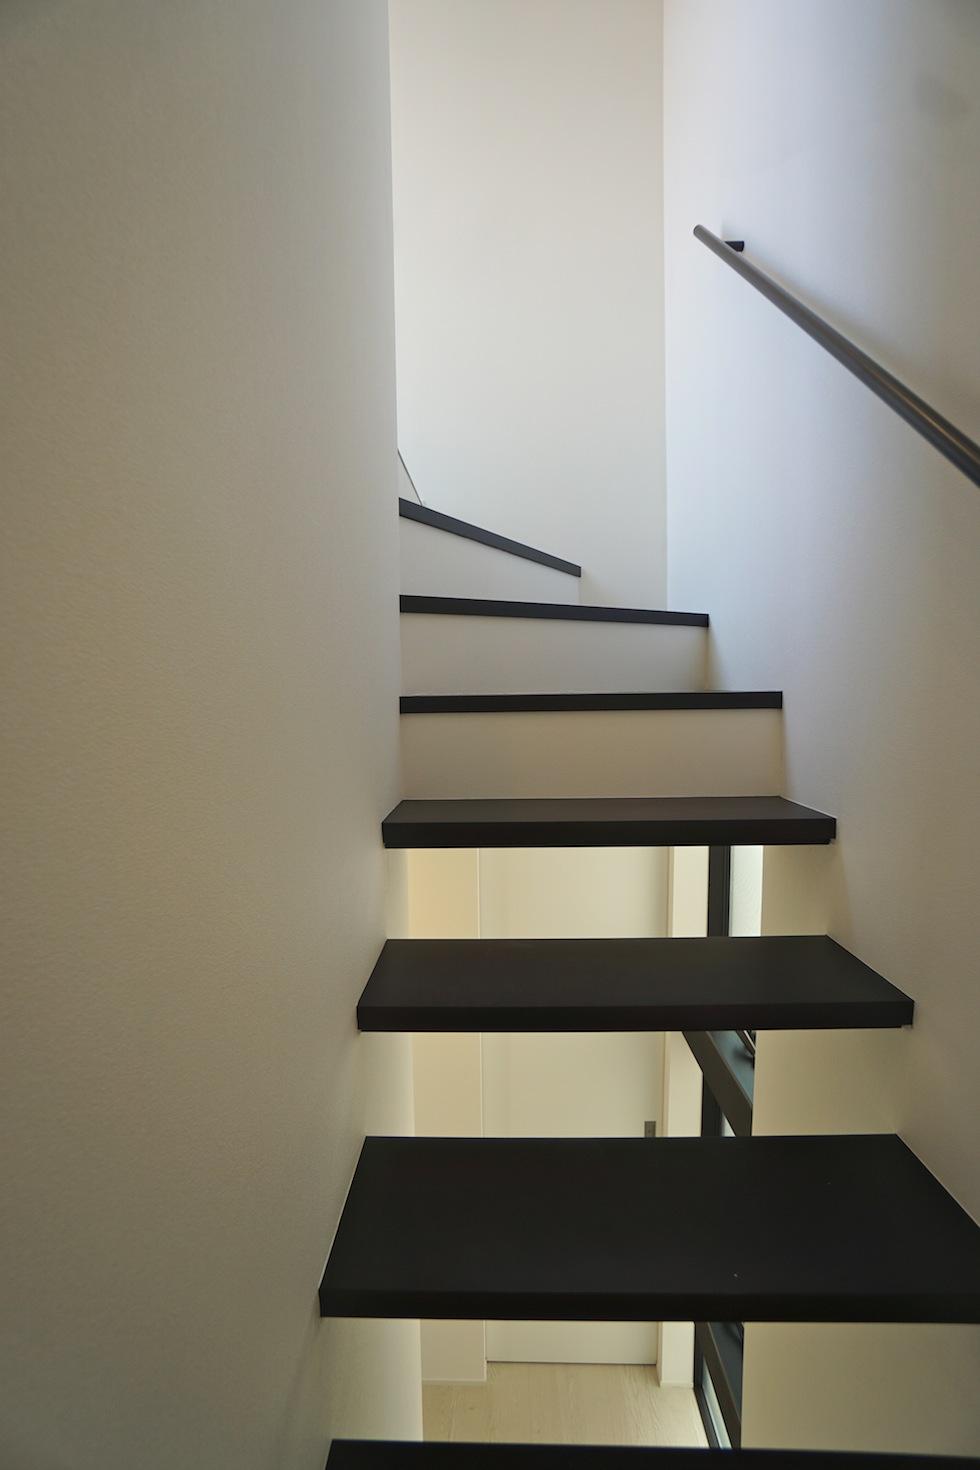 高級注文住宅,設計事務所,建築家,大阪,京都,神戸,3階建てデザイン,リビング,グランピングテラス,ストリップ階段